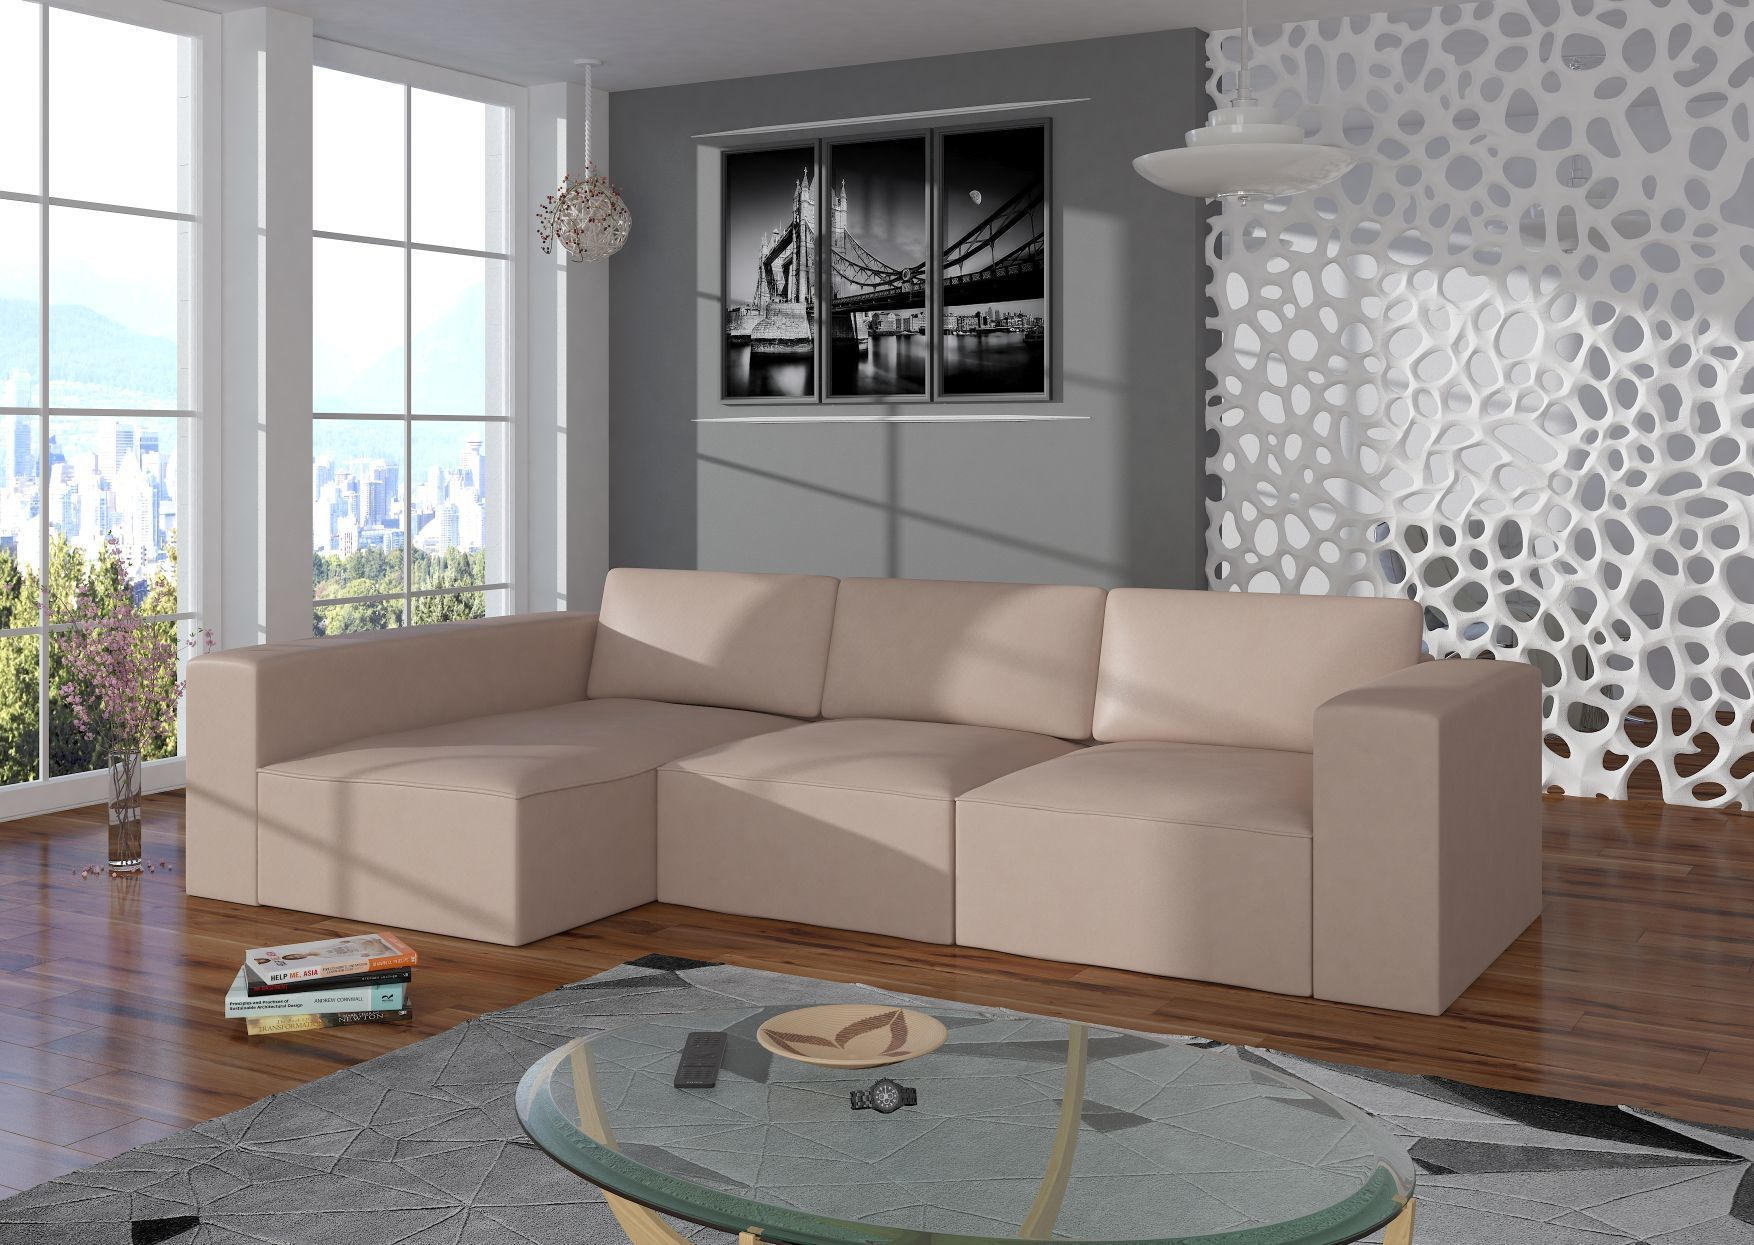 Nowoczesny narożnik PRESTIGE funkcja spania sofa